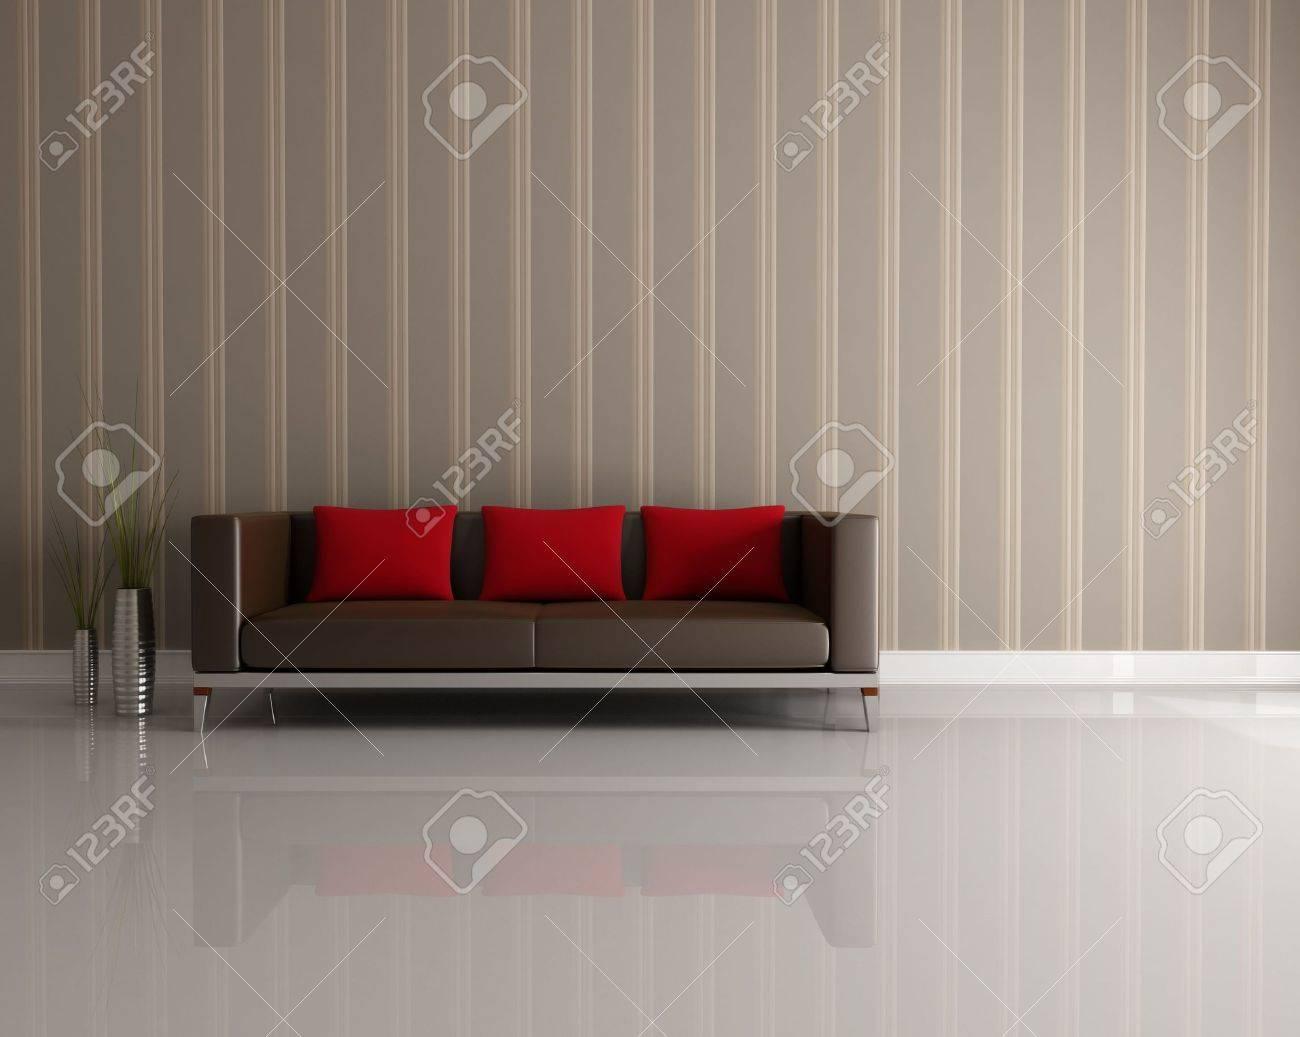 Bruin en rood bank in een modern interieur royalty vrije foto ...